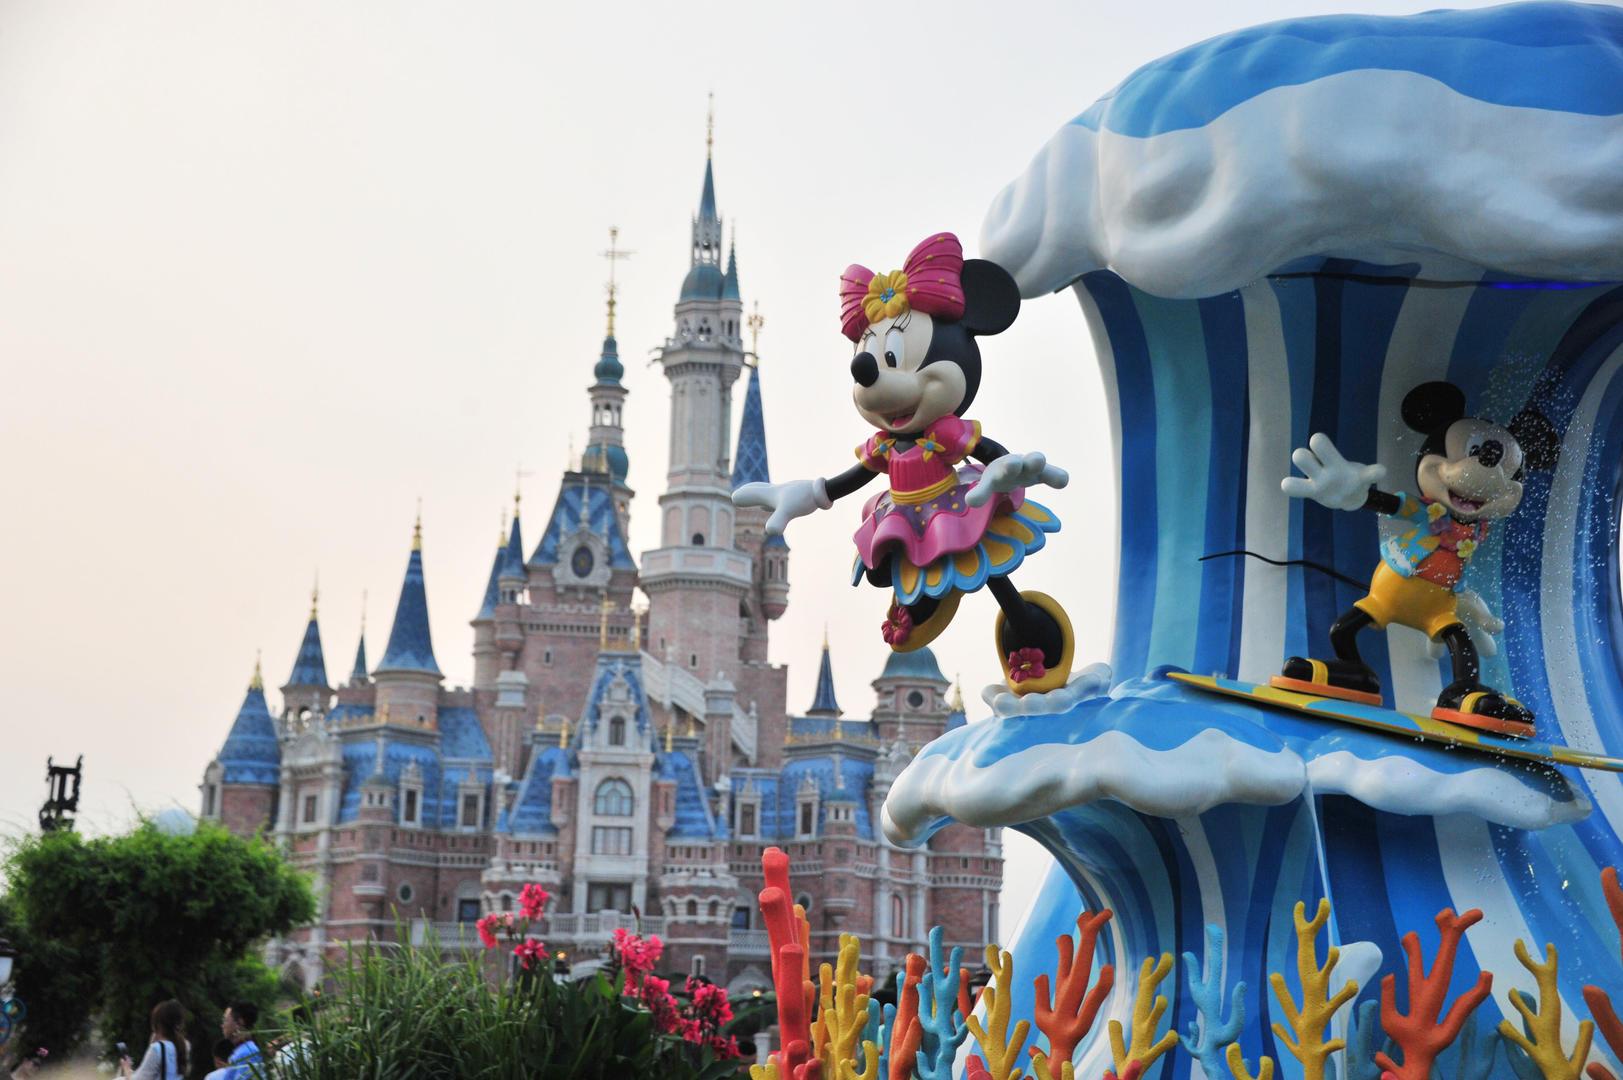 迪士尼堅持翻包 迪士尼雙標做法歧視亞洲?